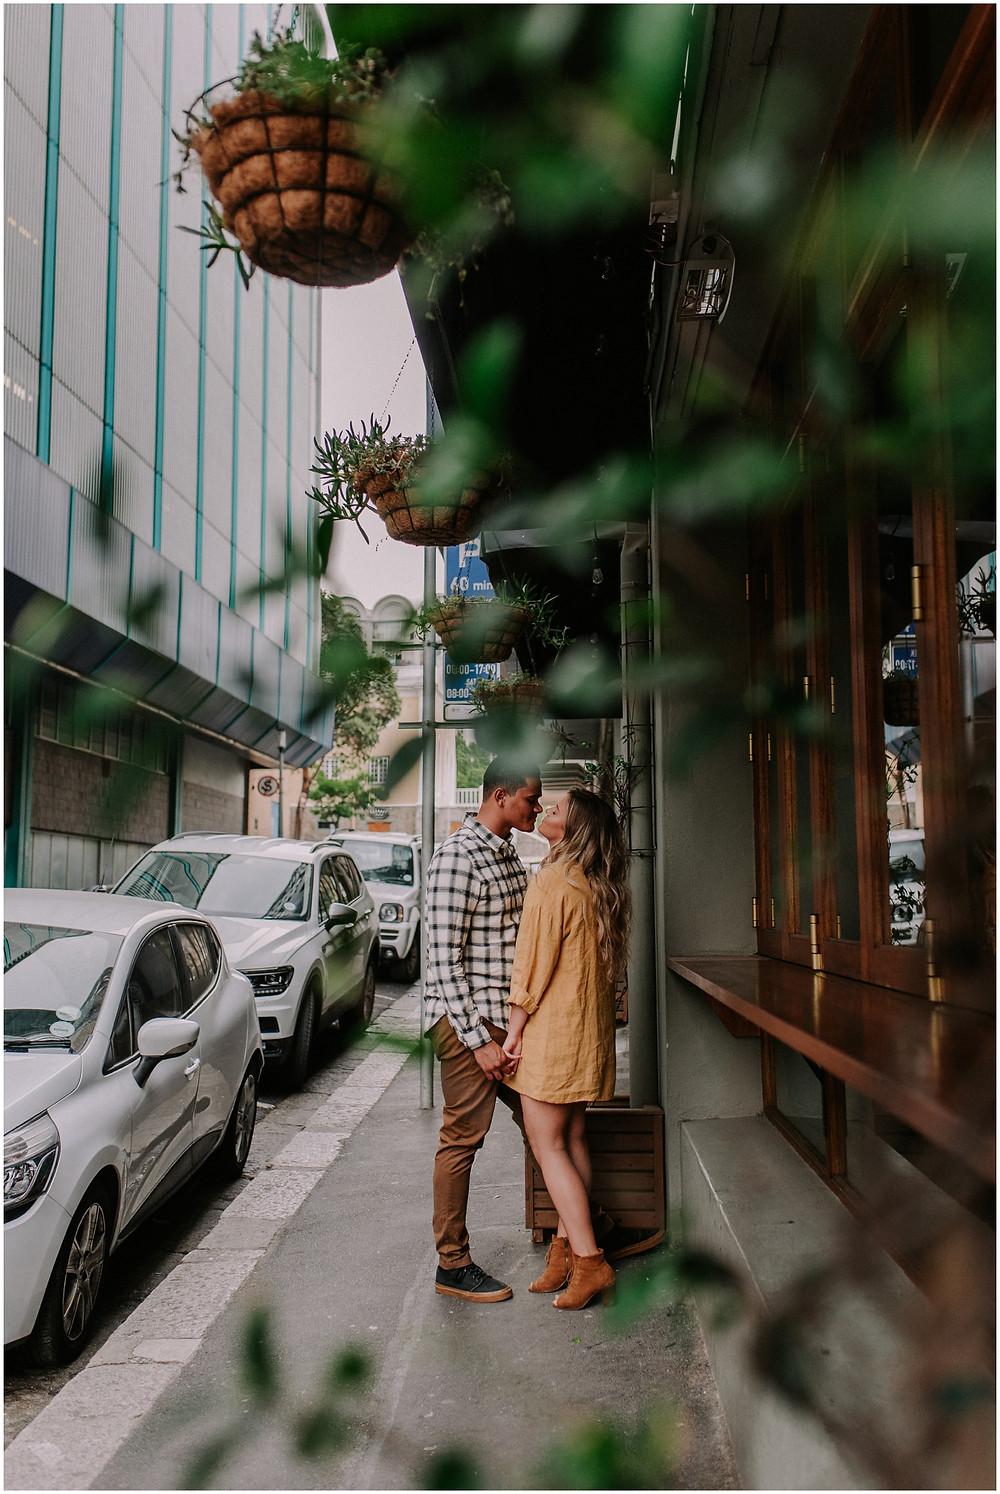 cape town engagement shoot by photographer lauren pretorius